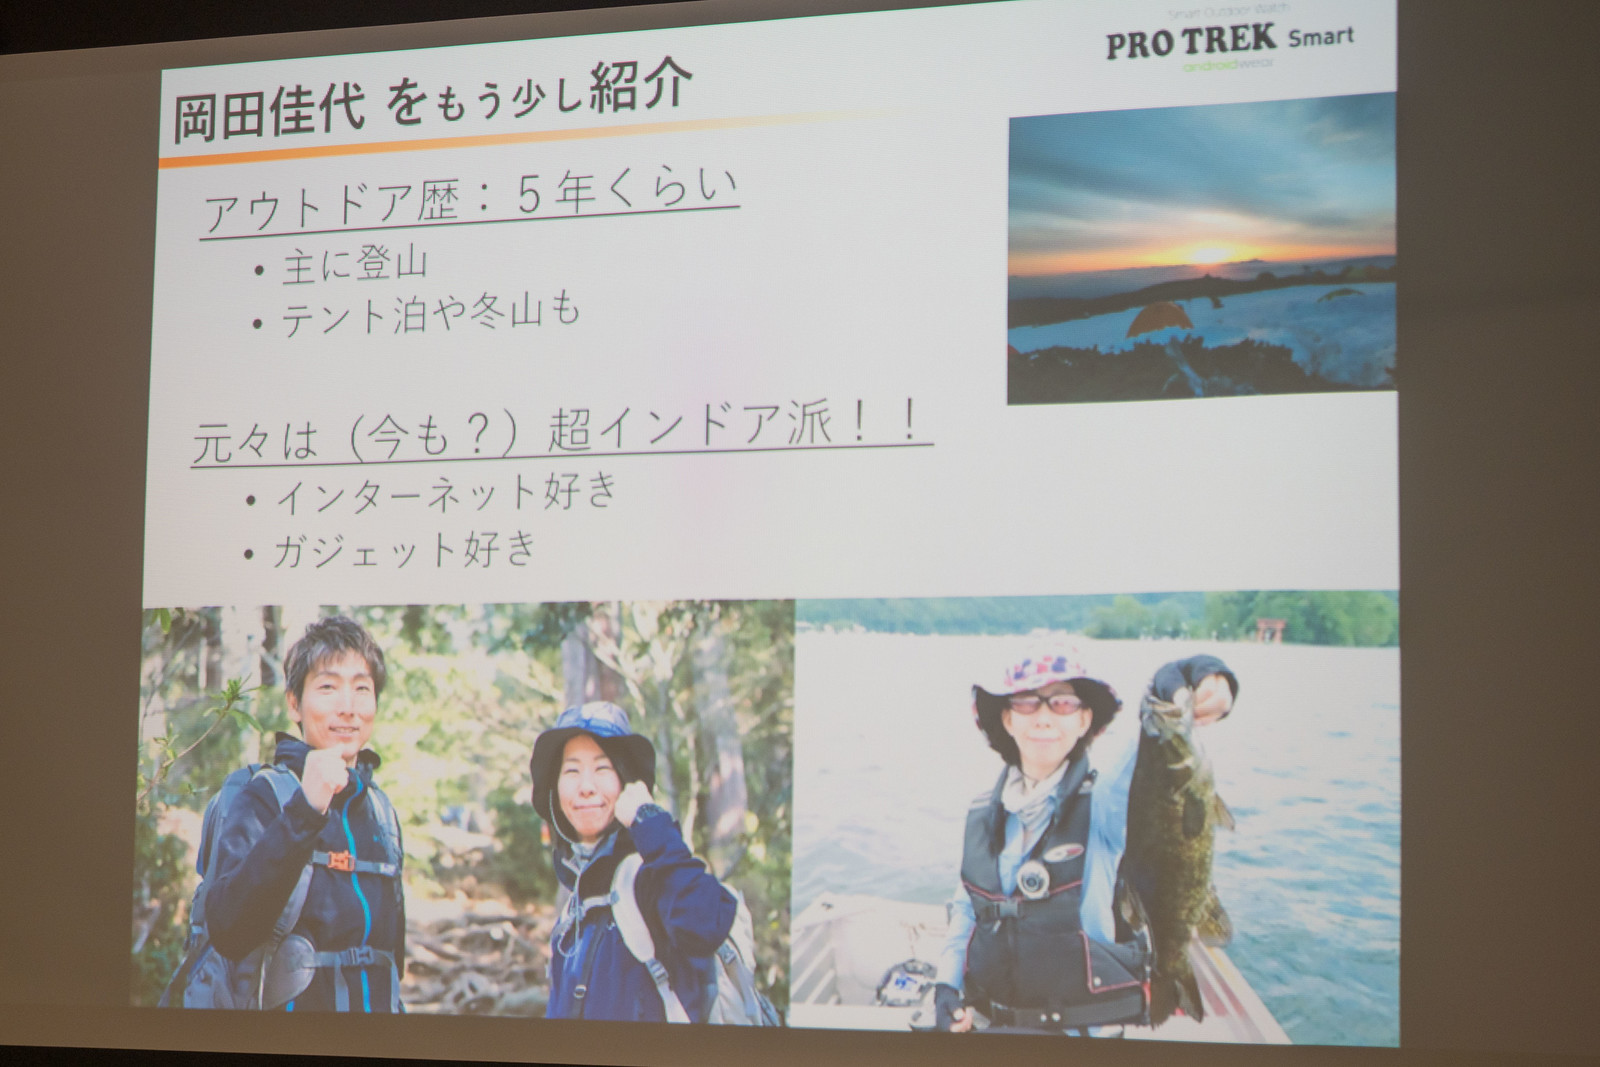 PRO_TREK_Smart-12